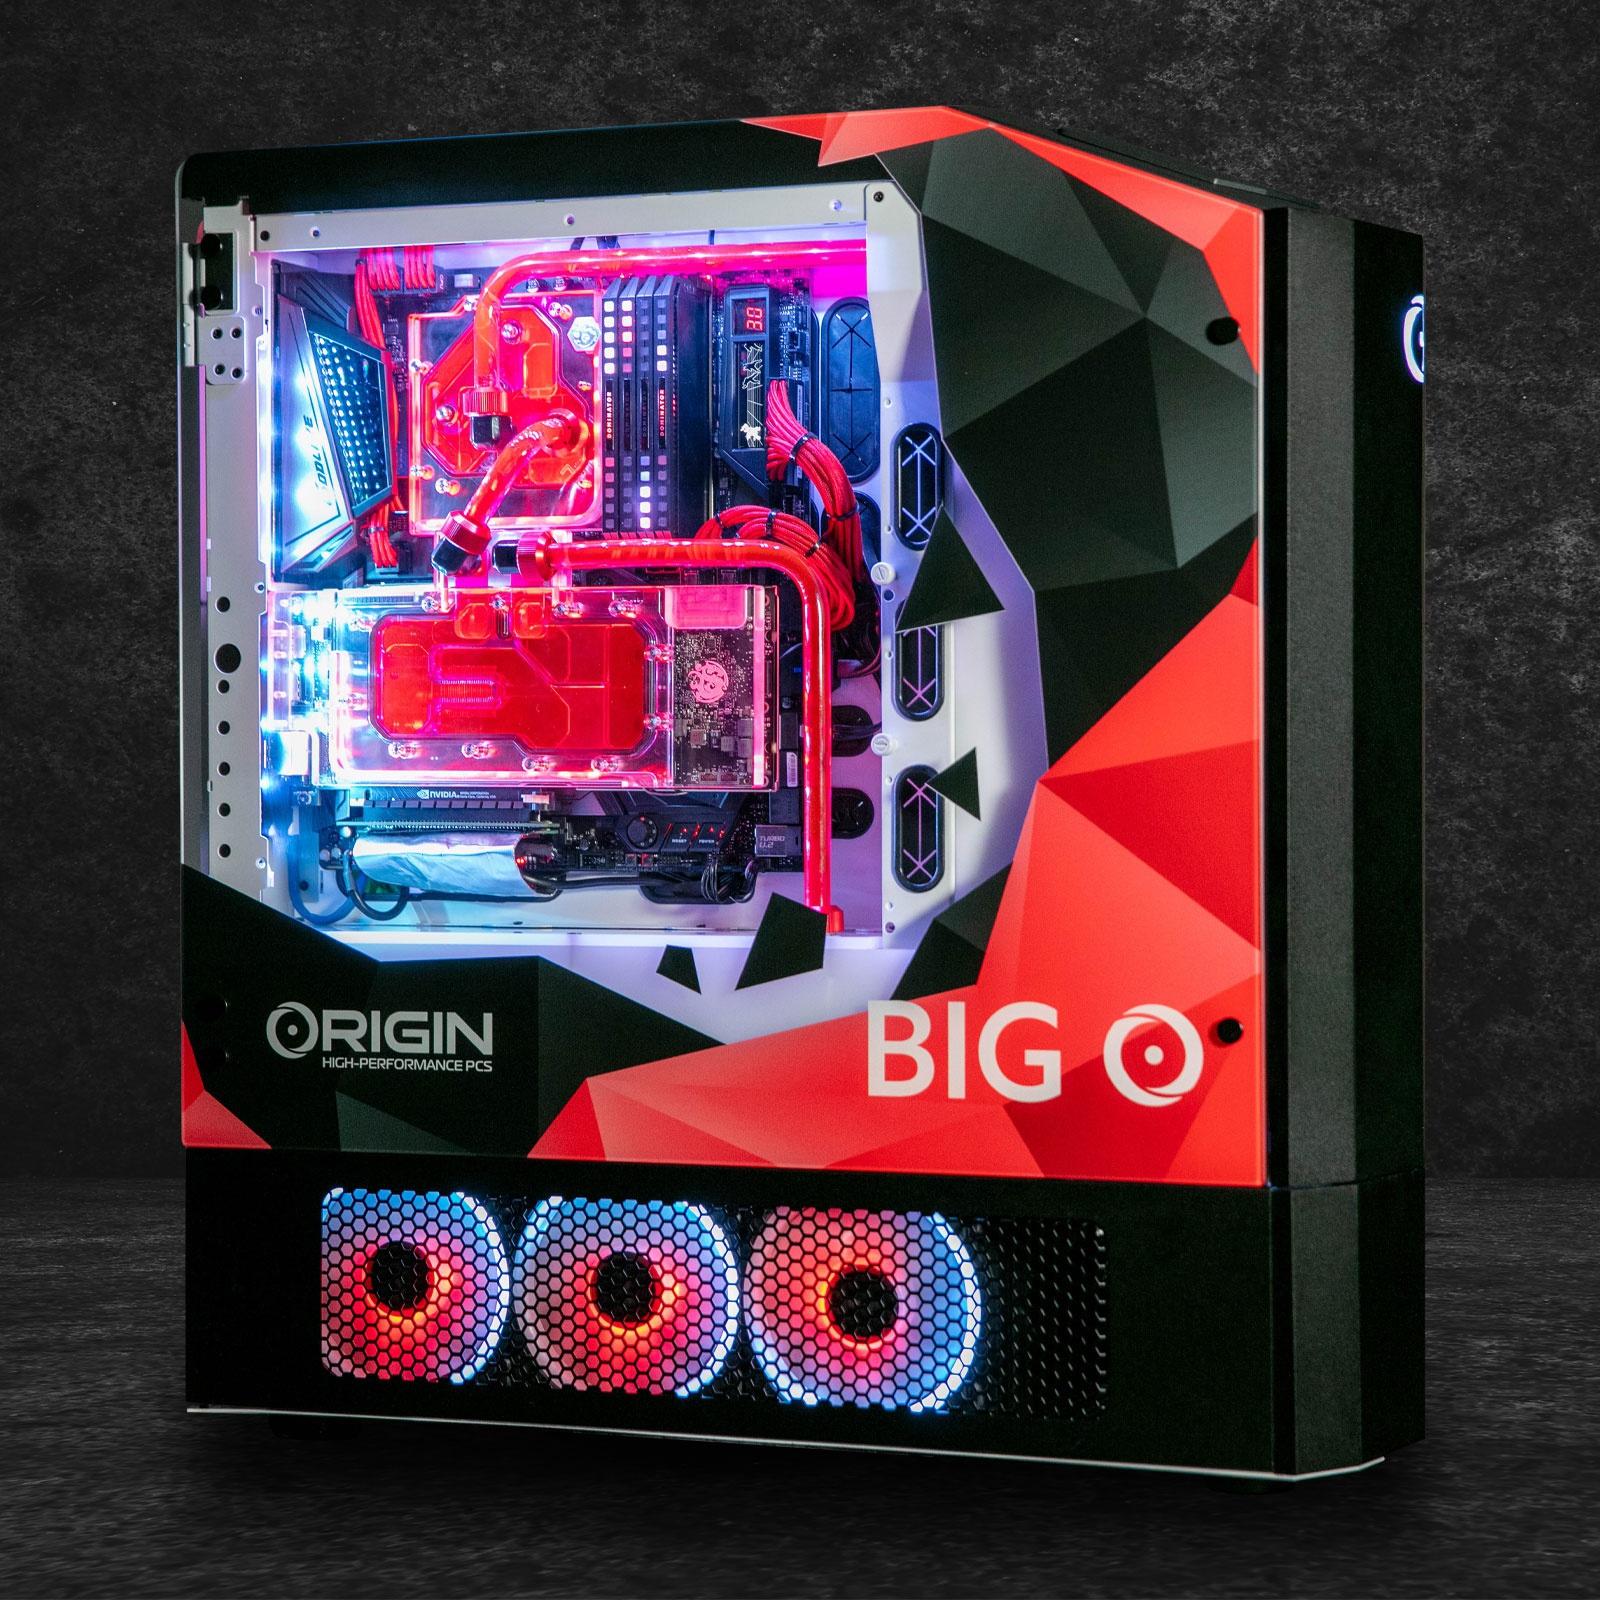 Corsair erwirbt Origin PC, ein Unternehmen, das sich auf kundenspezifische Computer spezialisiert hat. 1